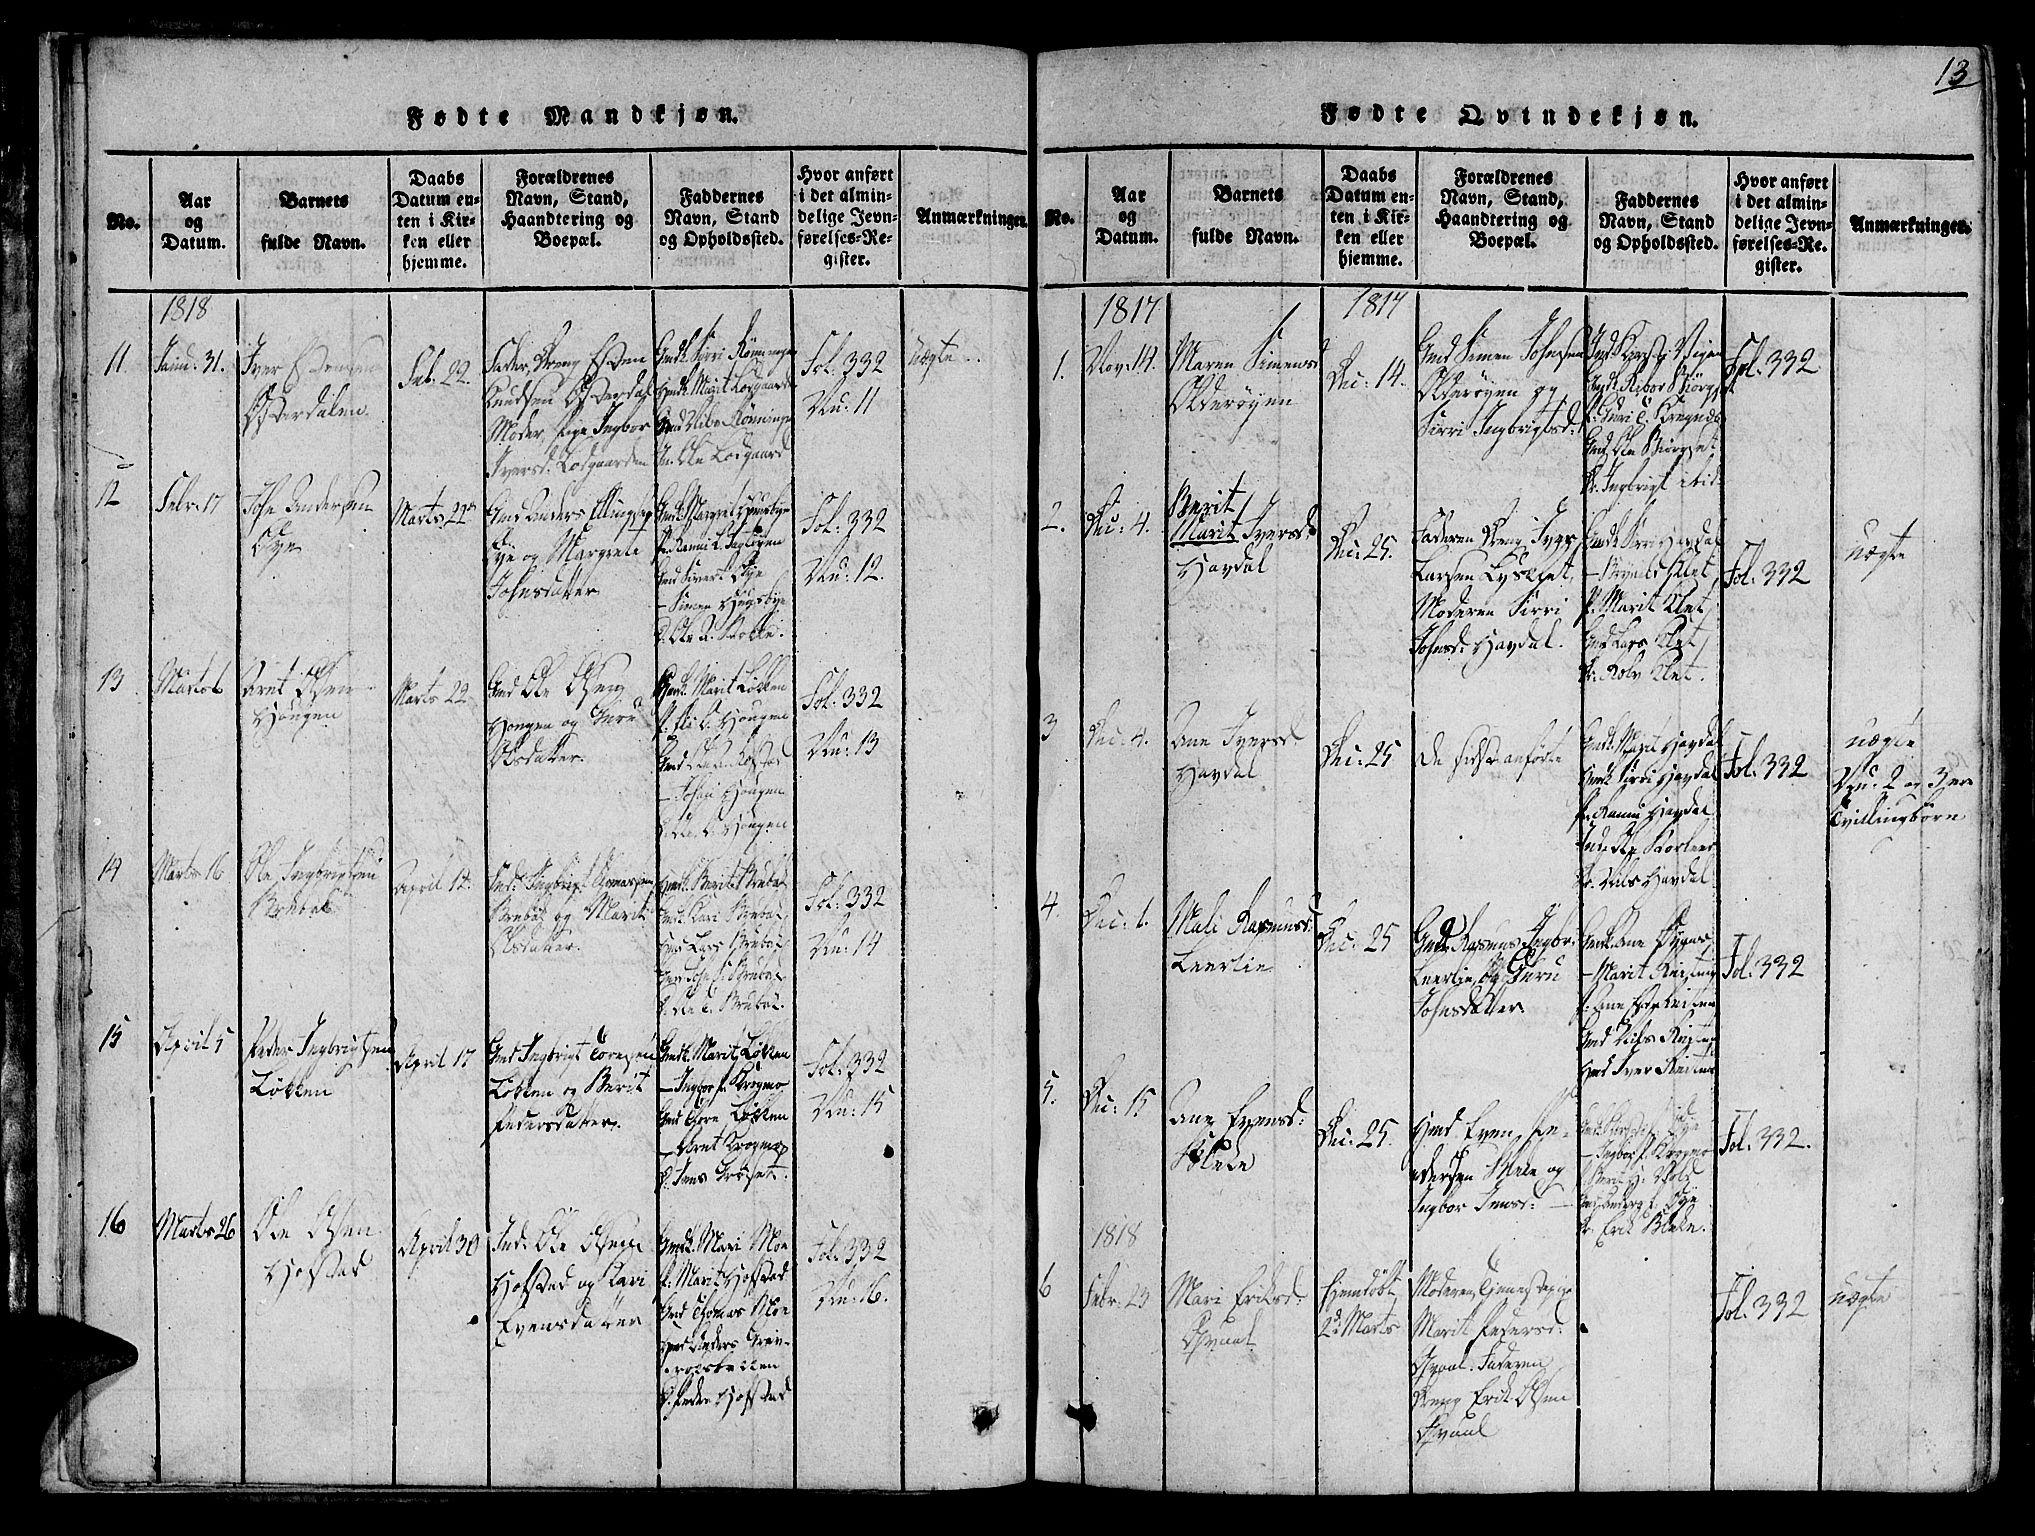 SAT, Ministerialprotokoller, klokkerbøker og fødselsregistre - Sør-Trøndelag, 691/L1065: Ministerialbok nr. 691A03 /1, 1816-1826, s. 13